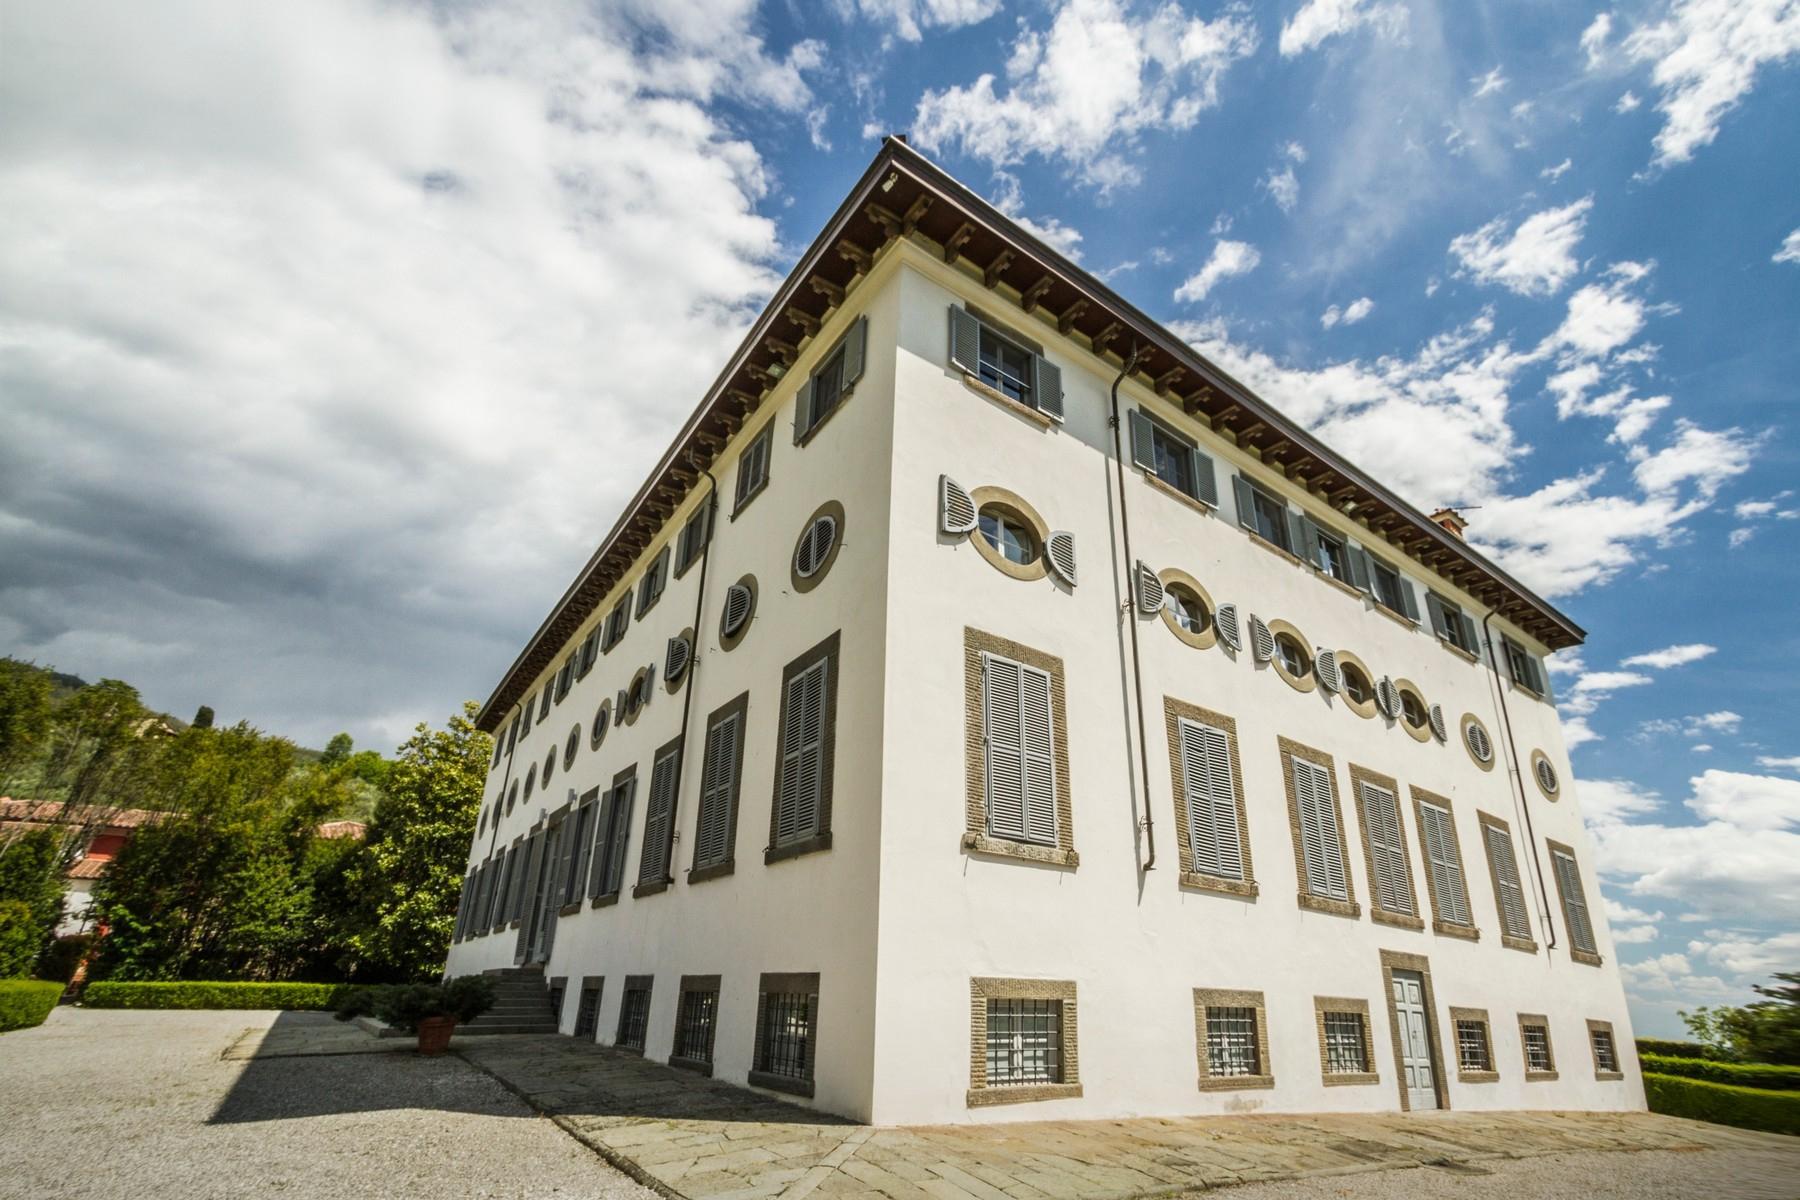 Appartamento di pregio in resort esclusivo con villa storica sulle colline di Lucca - 14